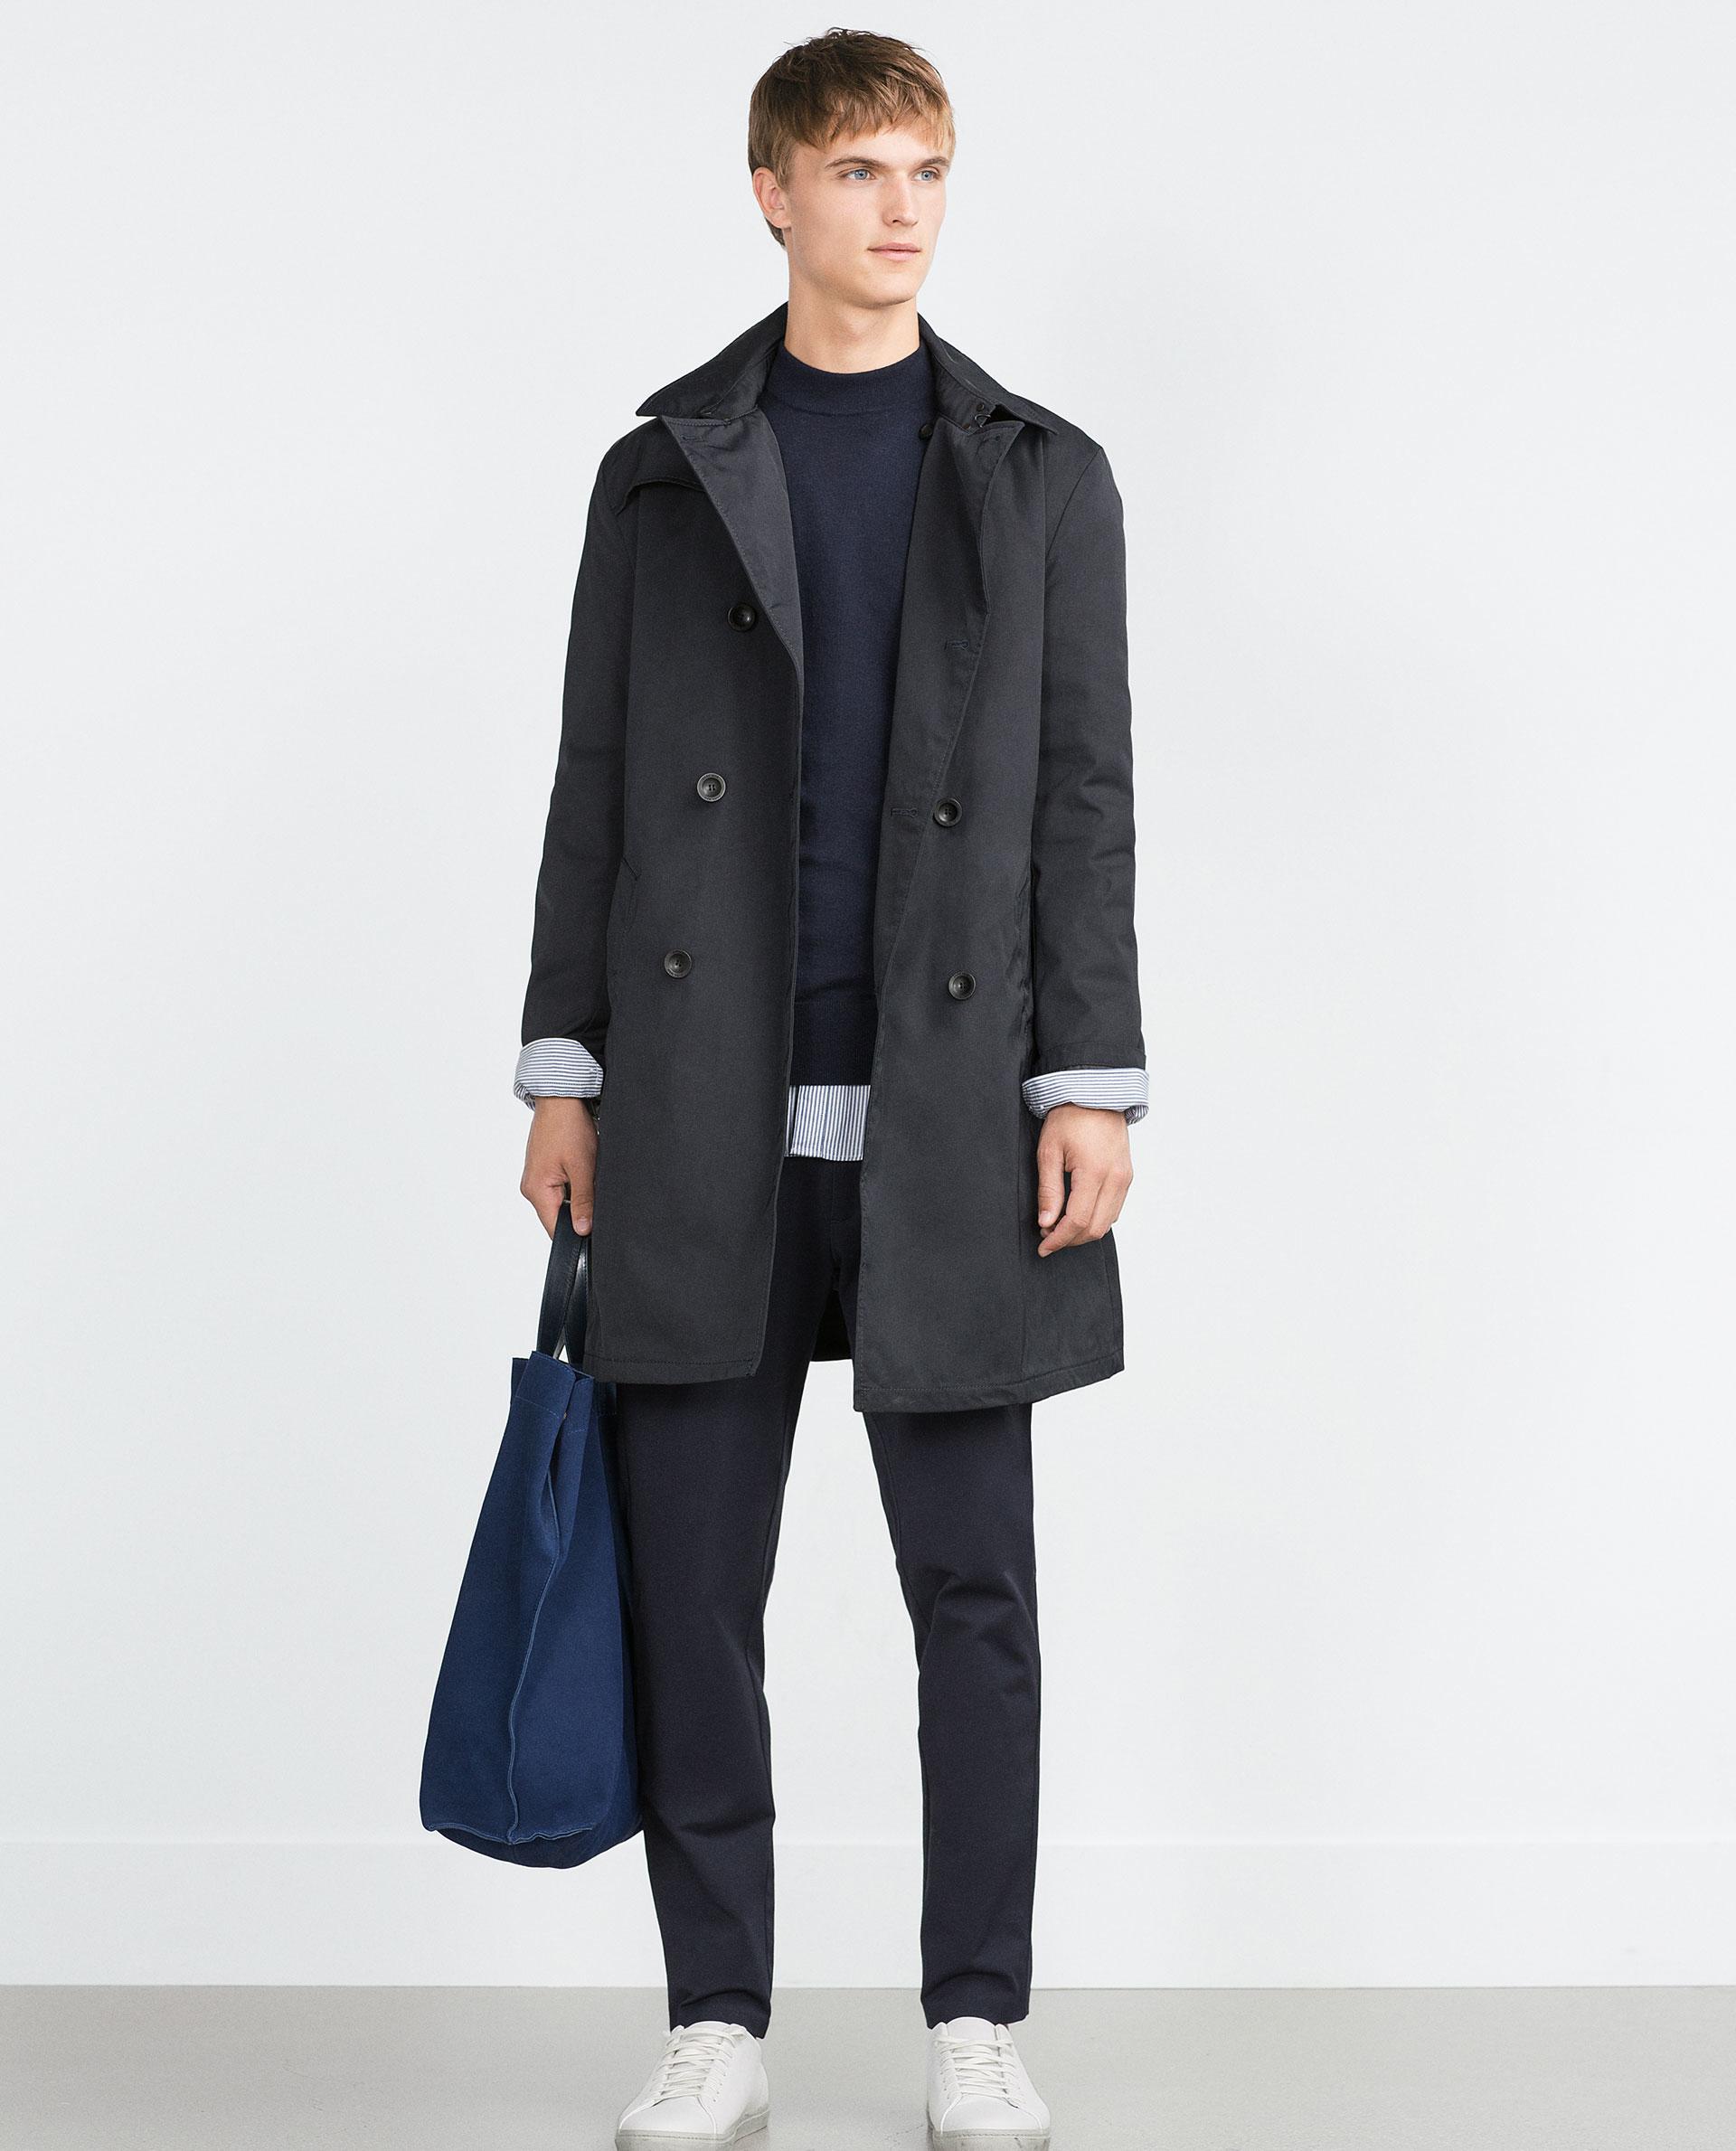 Zara parka with detachable lining